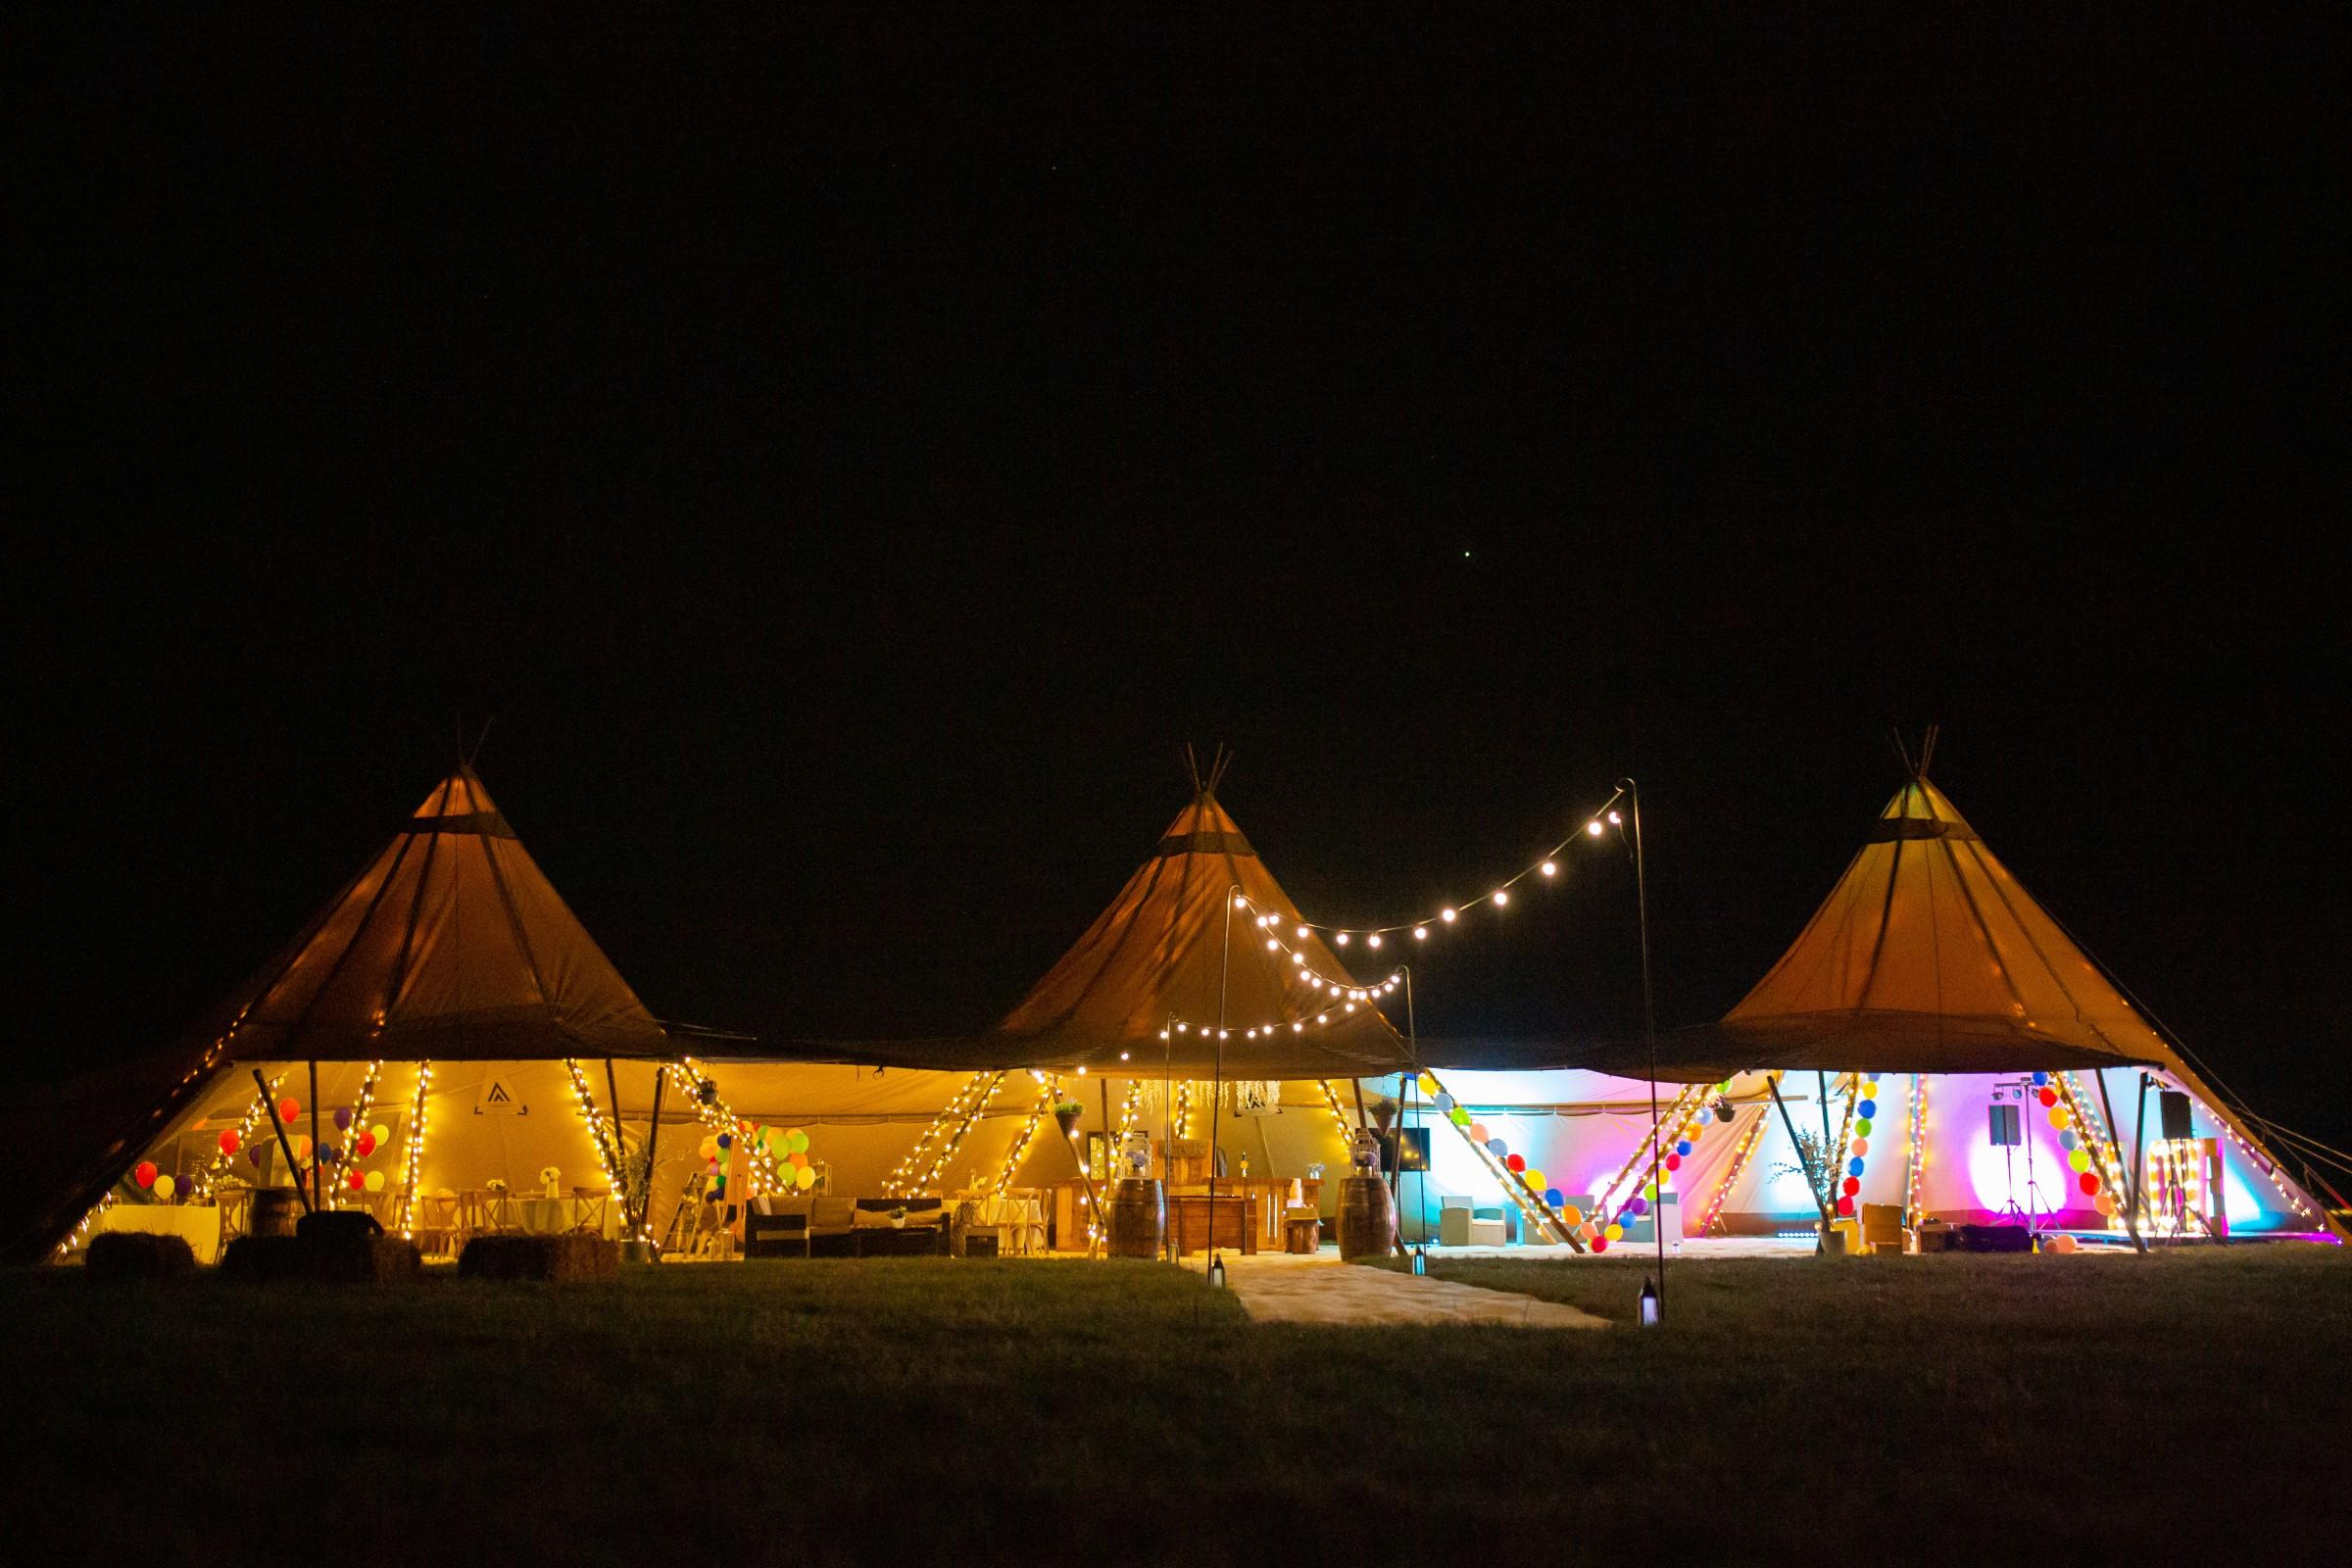 rainbow festival wedding - colourful wedding - quirky wedding ideas - wedding marquee - festival wedding tent